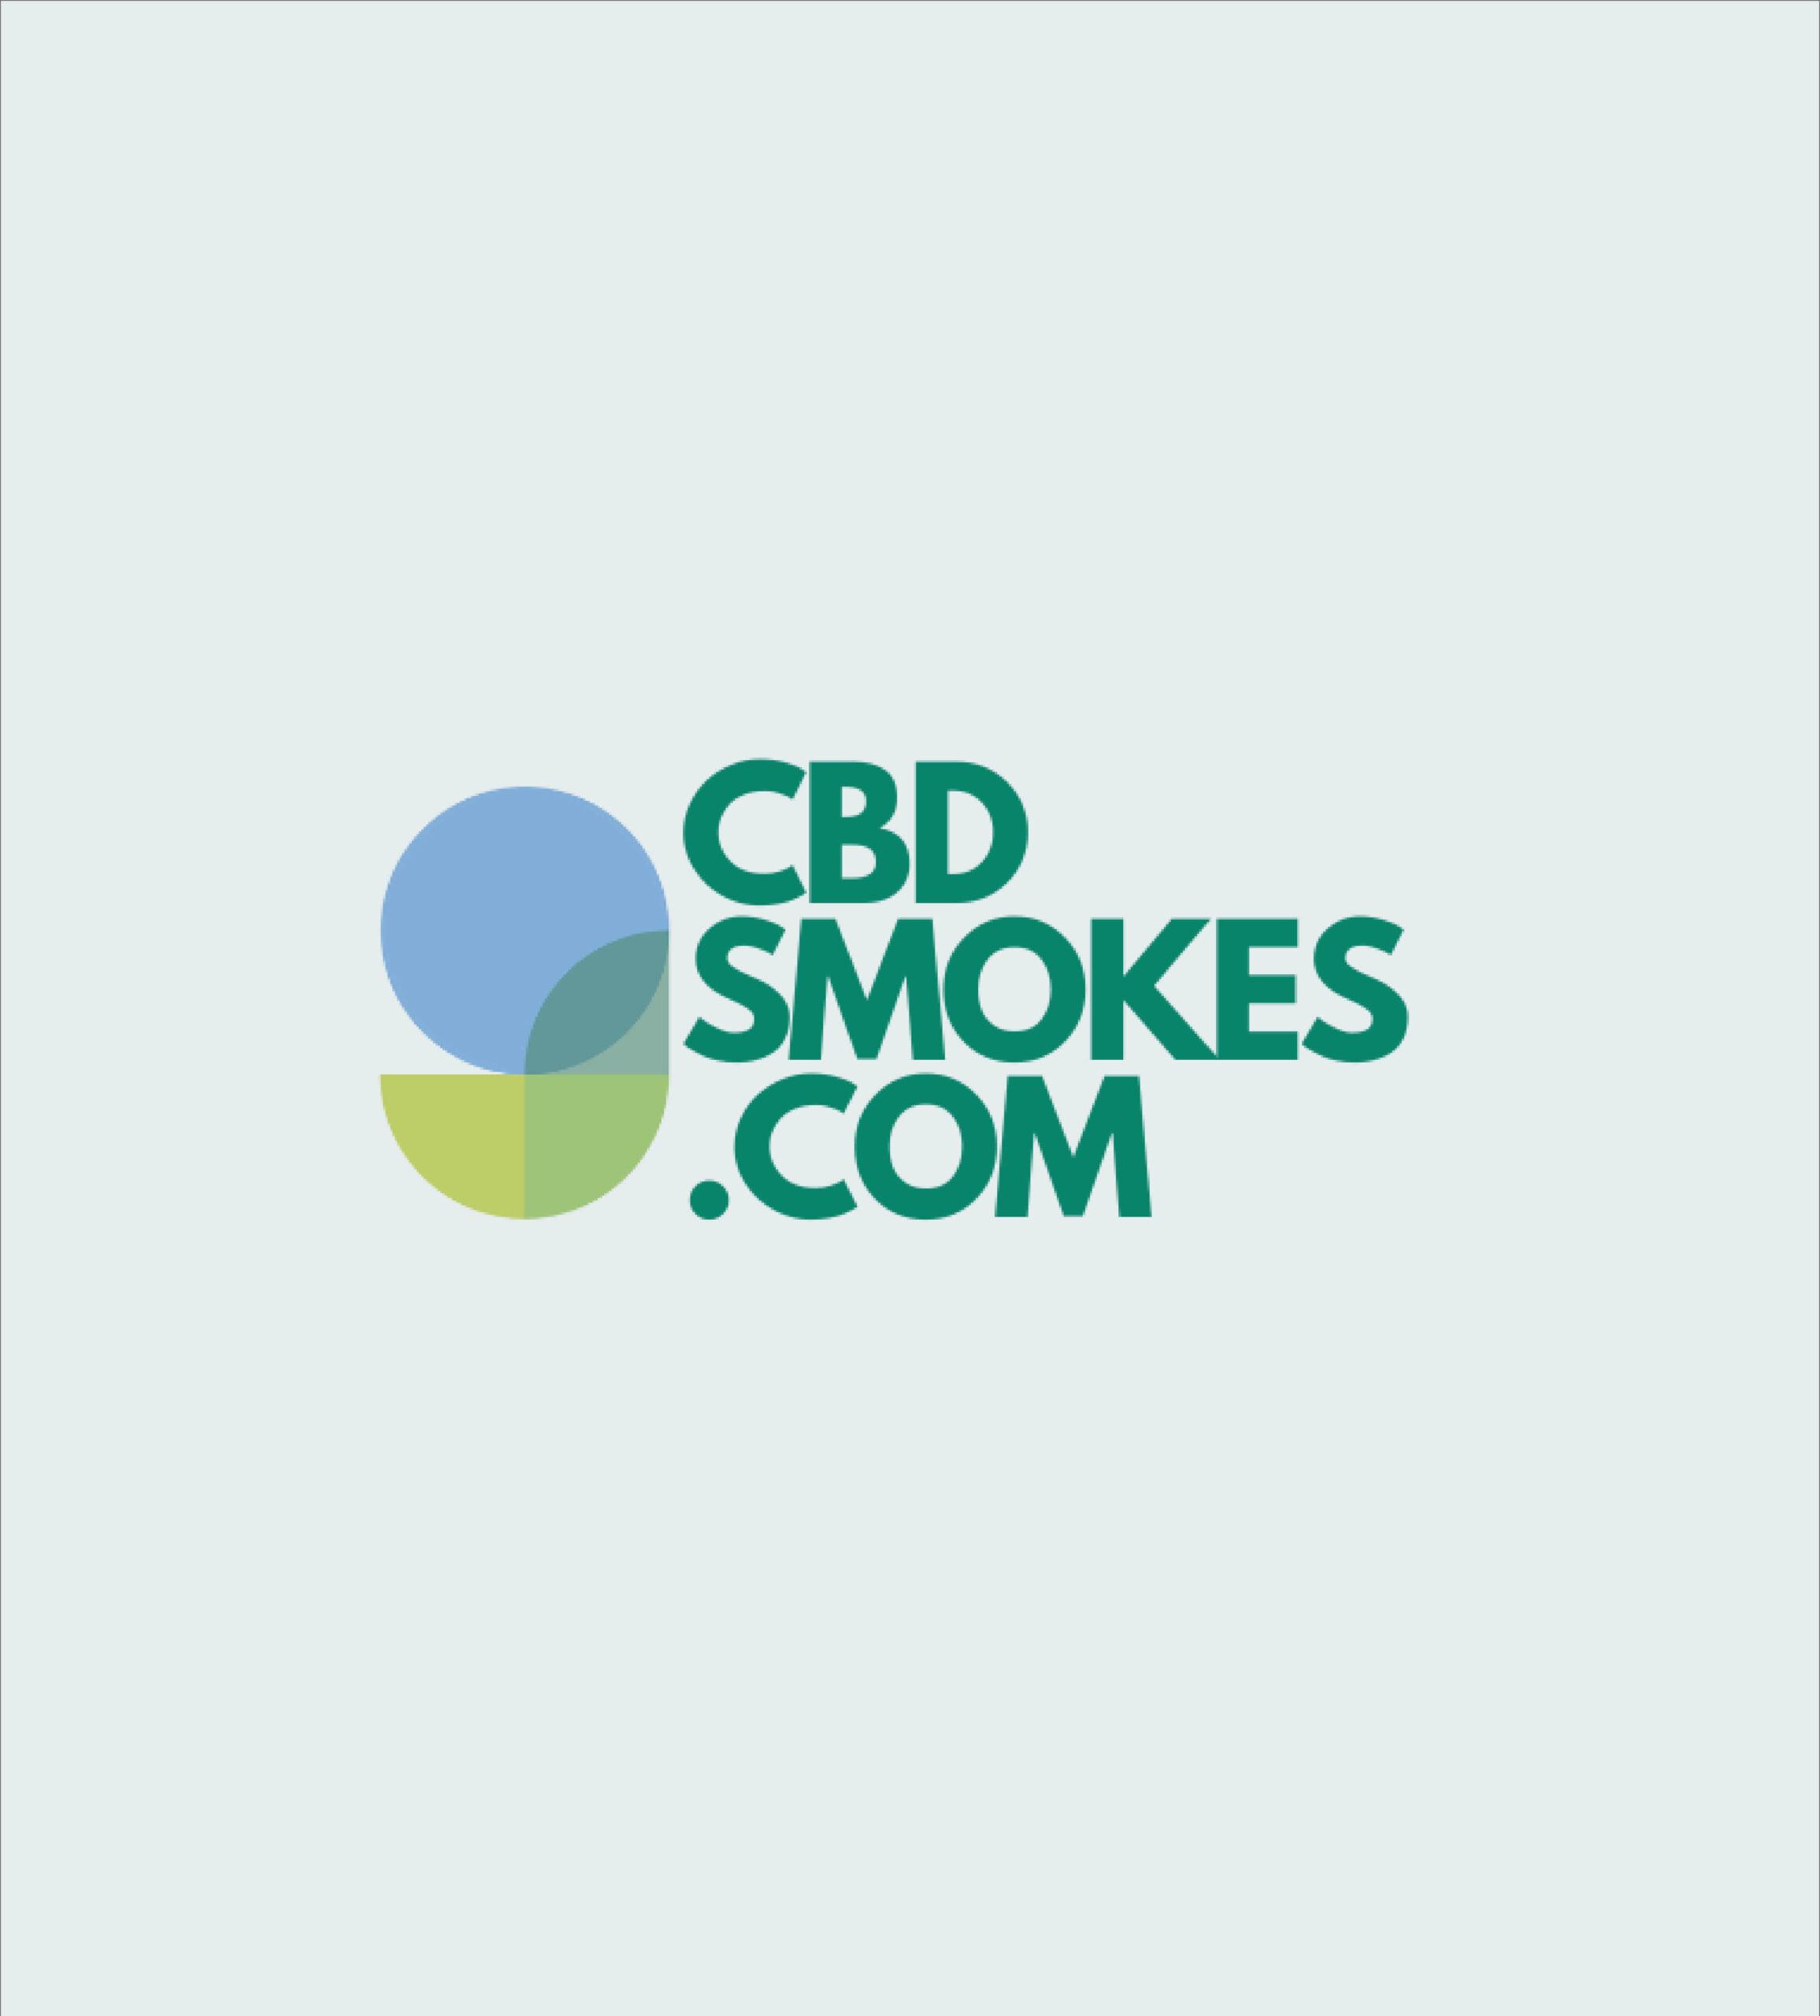 CBD-smokes-website@2x